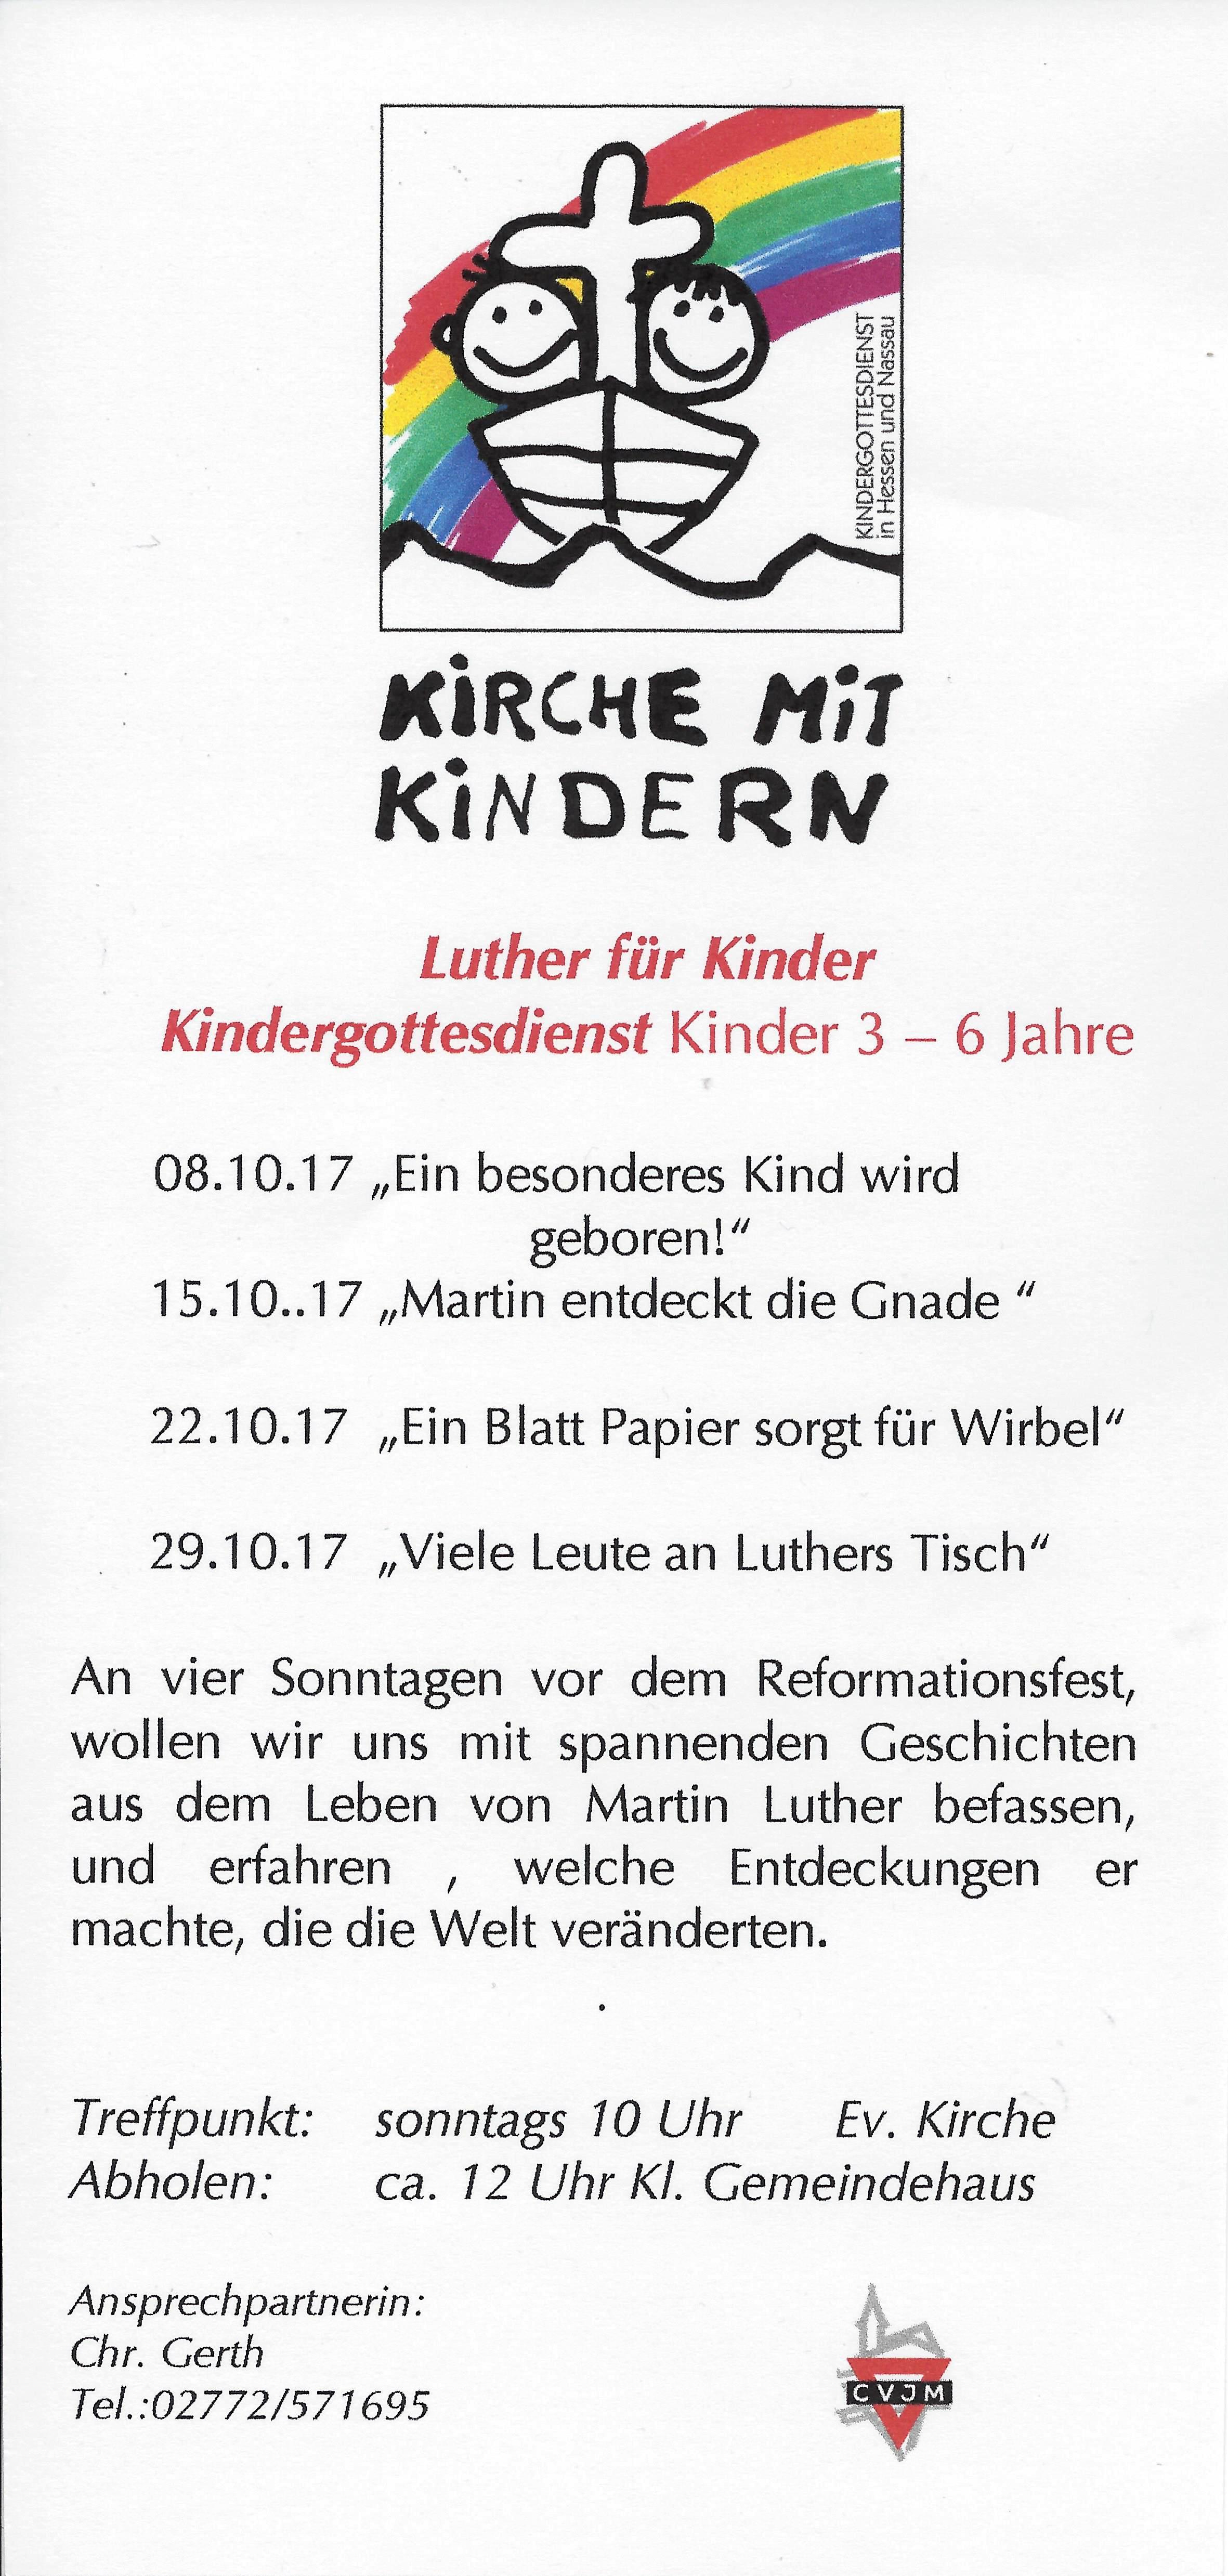 evangelische kirchengemeinde sinn - Martin Luther Lebenslauf